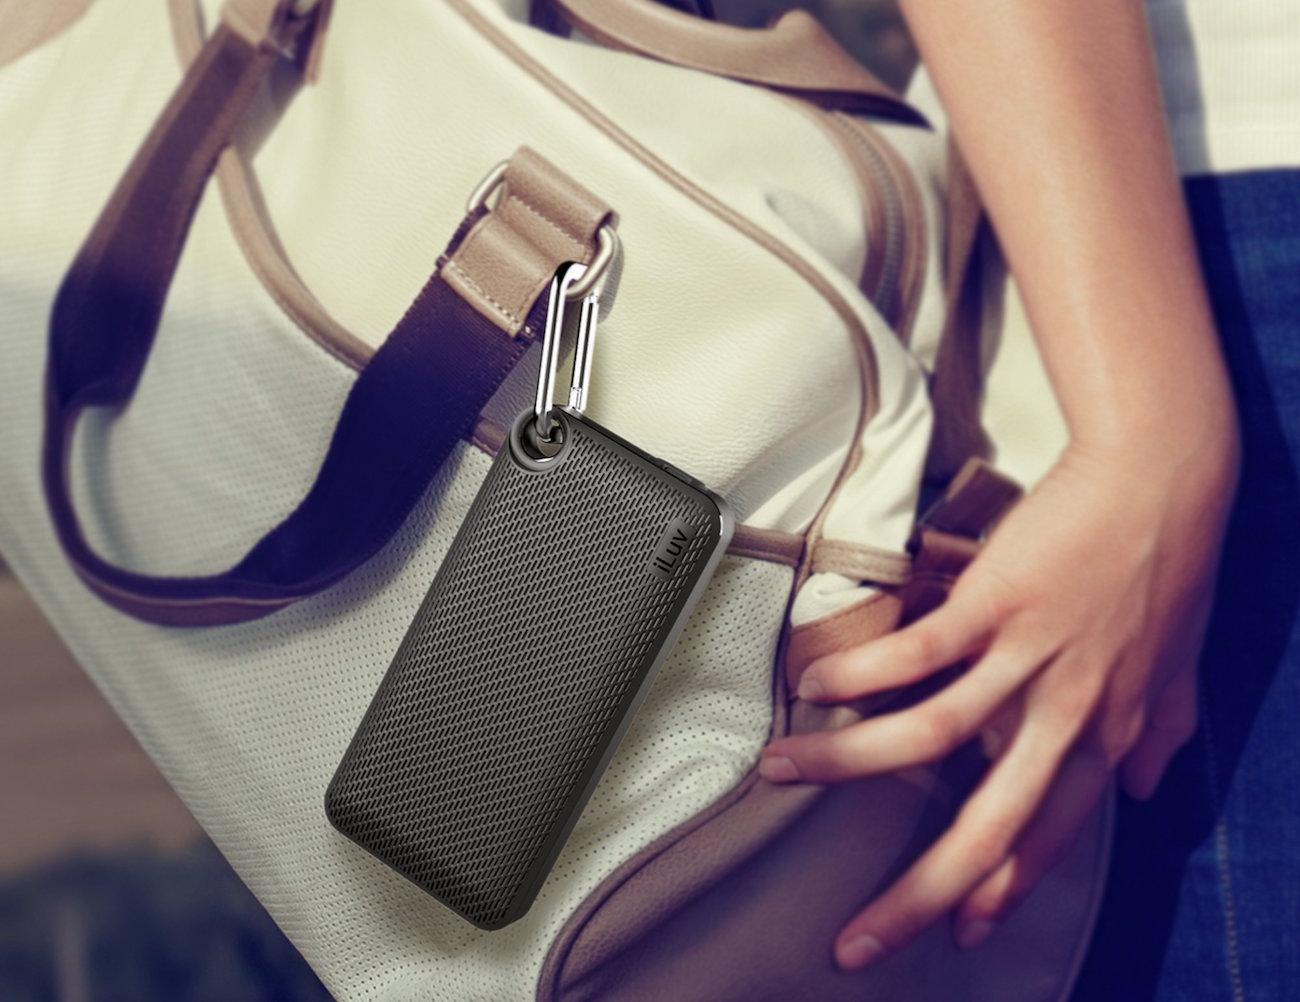 Aud Mini Smart 6 Bluetooth Speaker